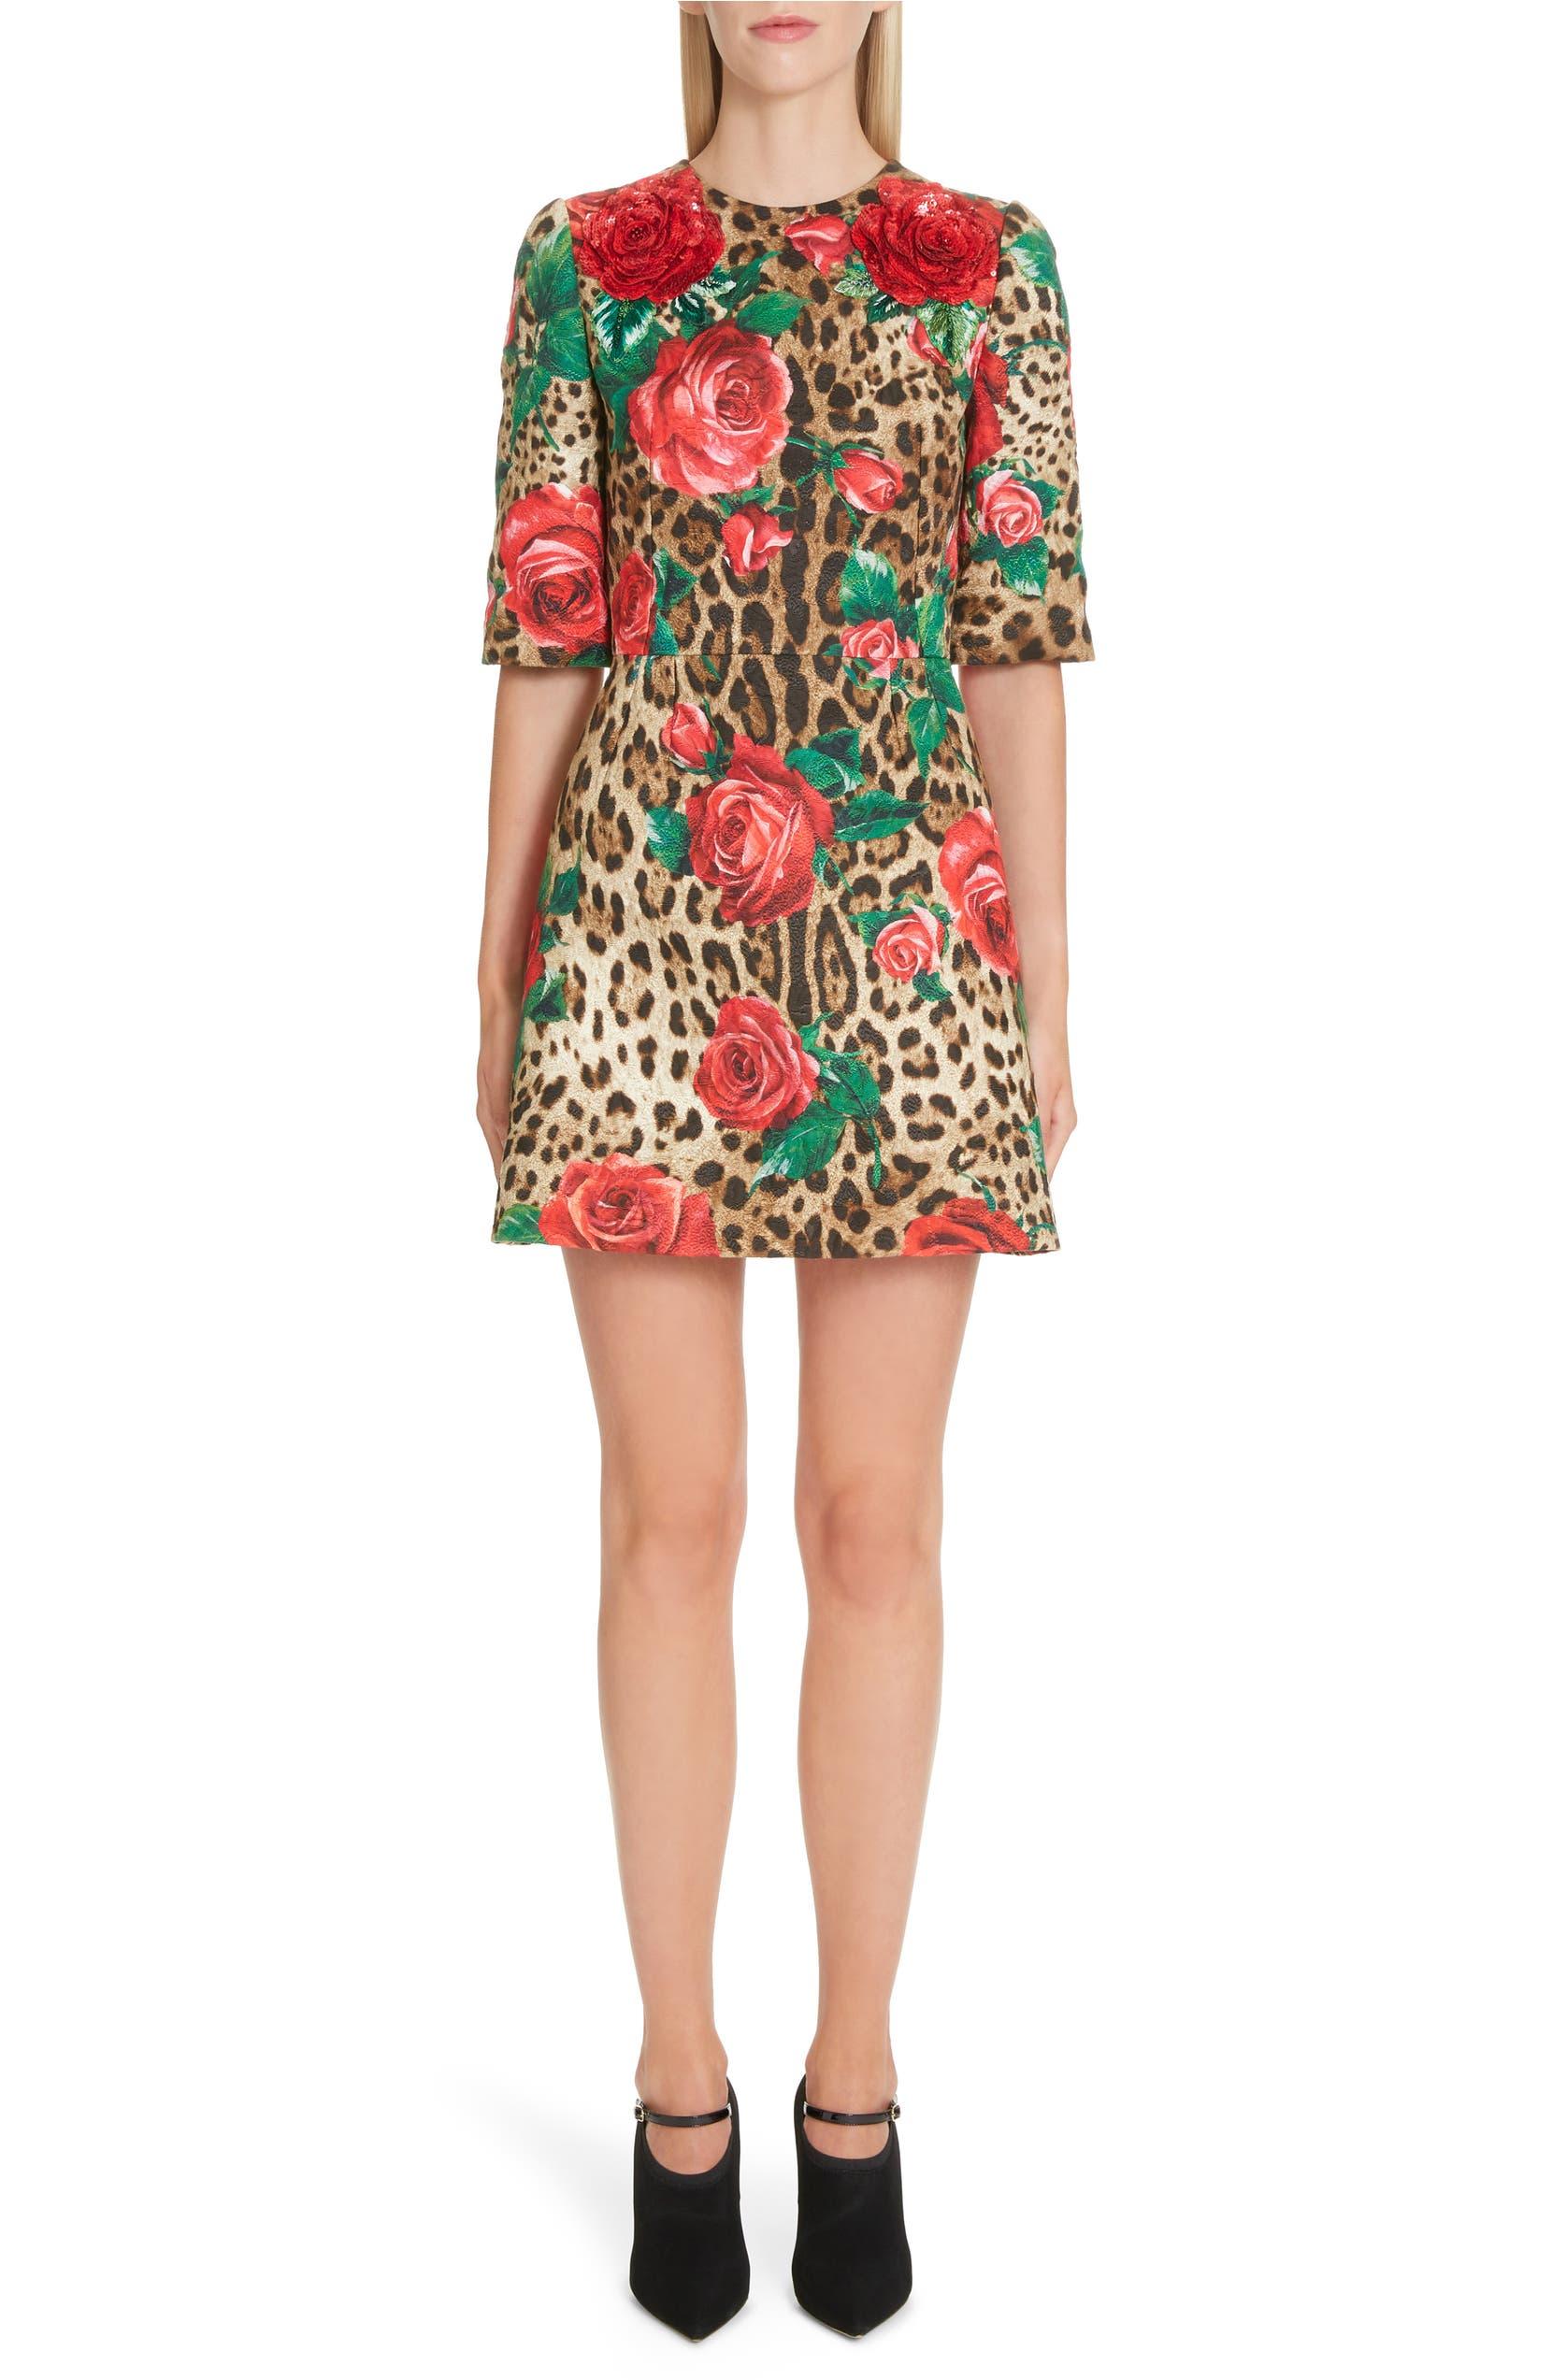 d77981e6a49 Dolce&Gabbana Embellished Rose & Leopard Print Brocade Dress | Nordstrom